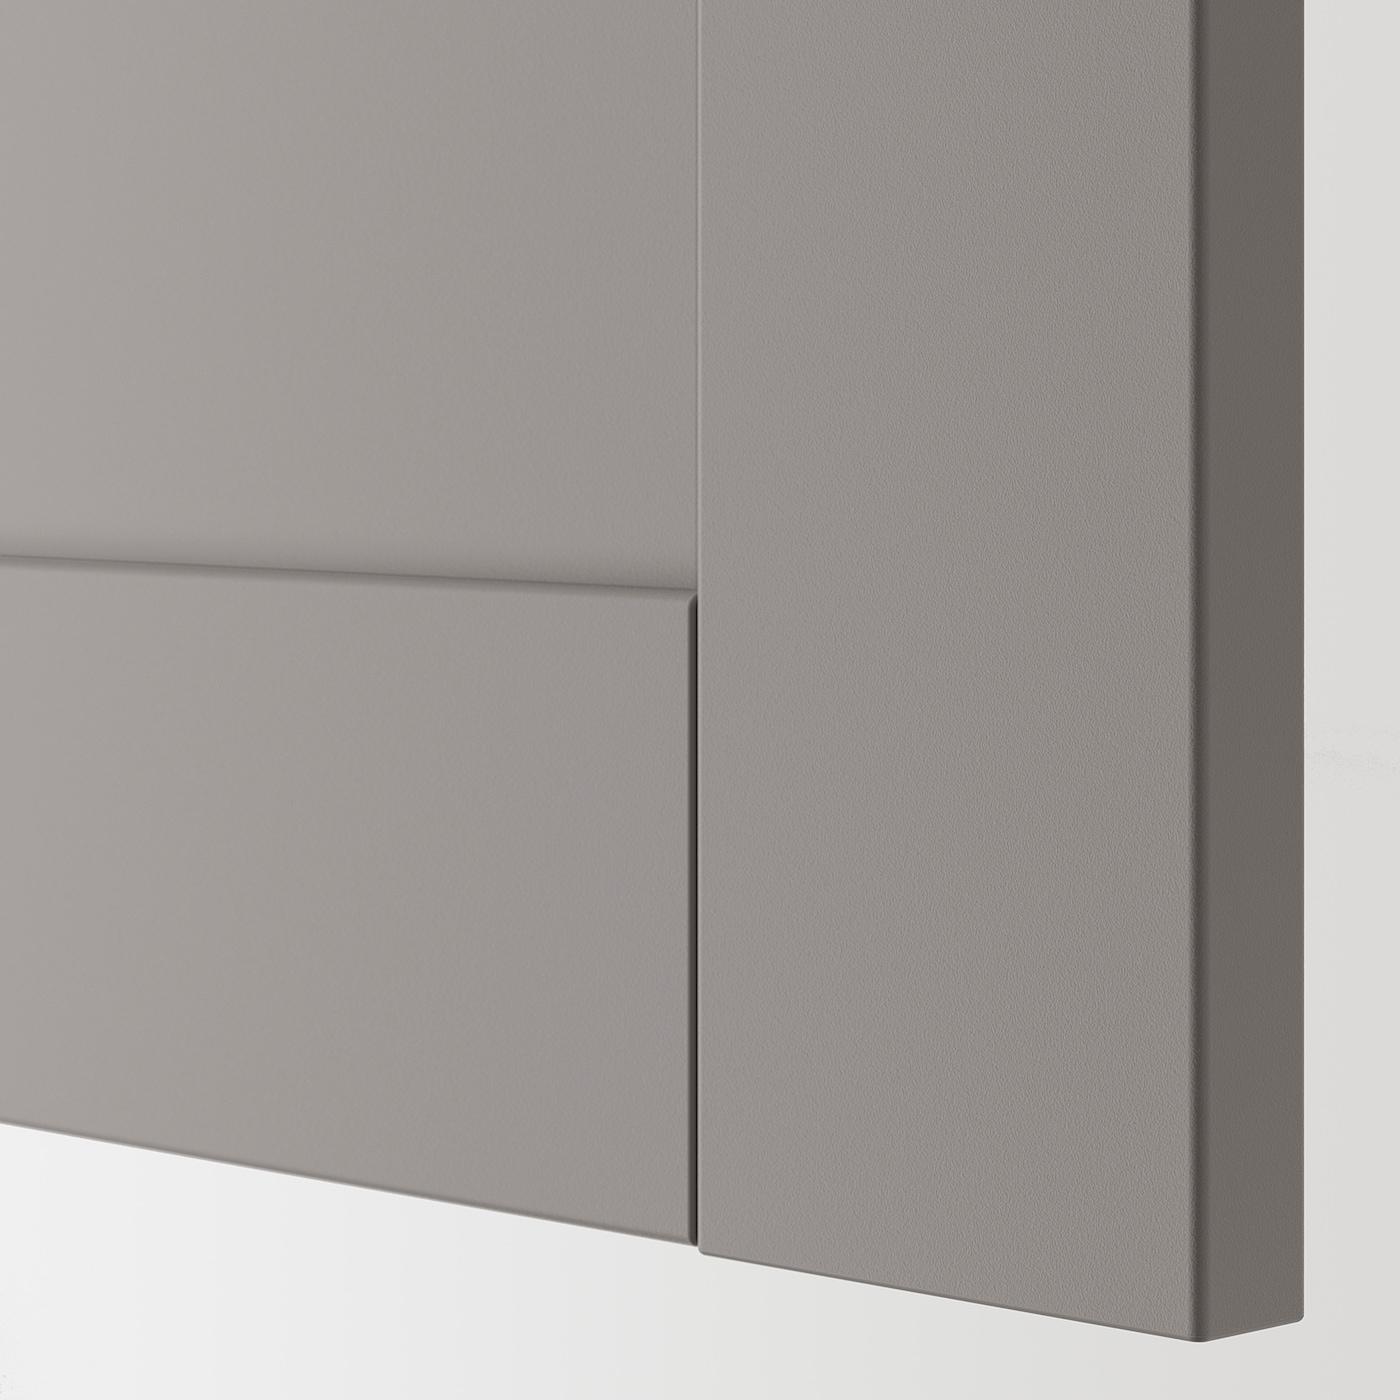 ENHET Wall cb w 2 shlvs/door, grey/white, 40x17x75 cm